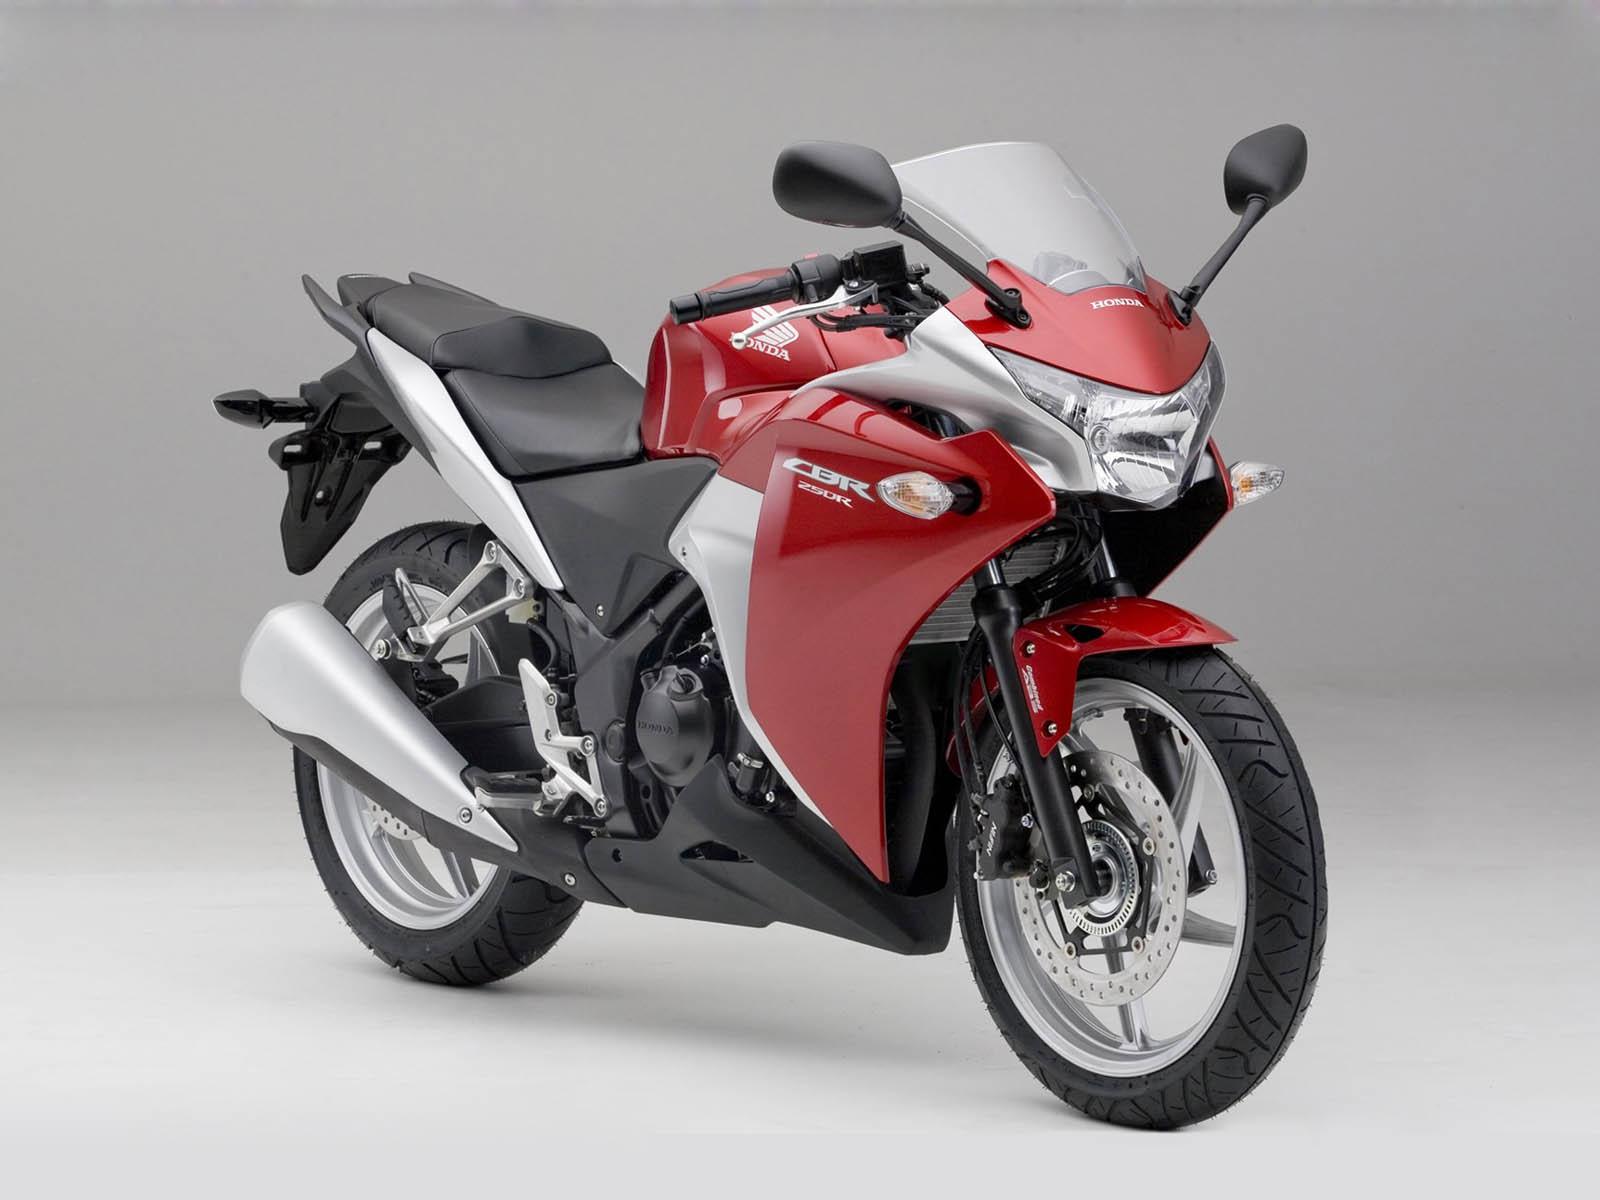 http://4.bp.blogspot.com/-oJd2XpND4xc/UBa7y4wyyRI/AAAAAAAAG4s/147XuE5OmLI/s1600/Honda+CBR+250R+Bike+Wallpapers+1.jpg